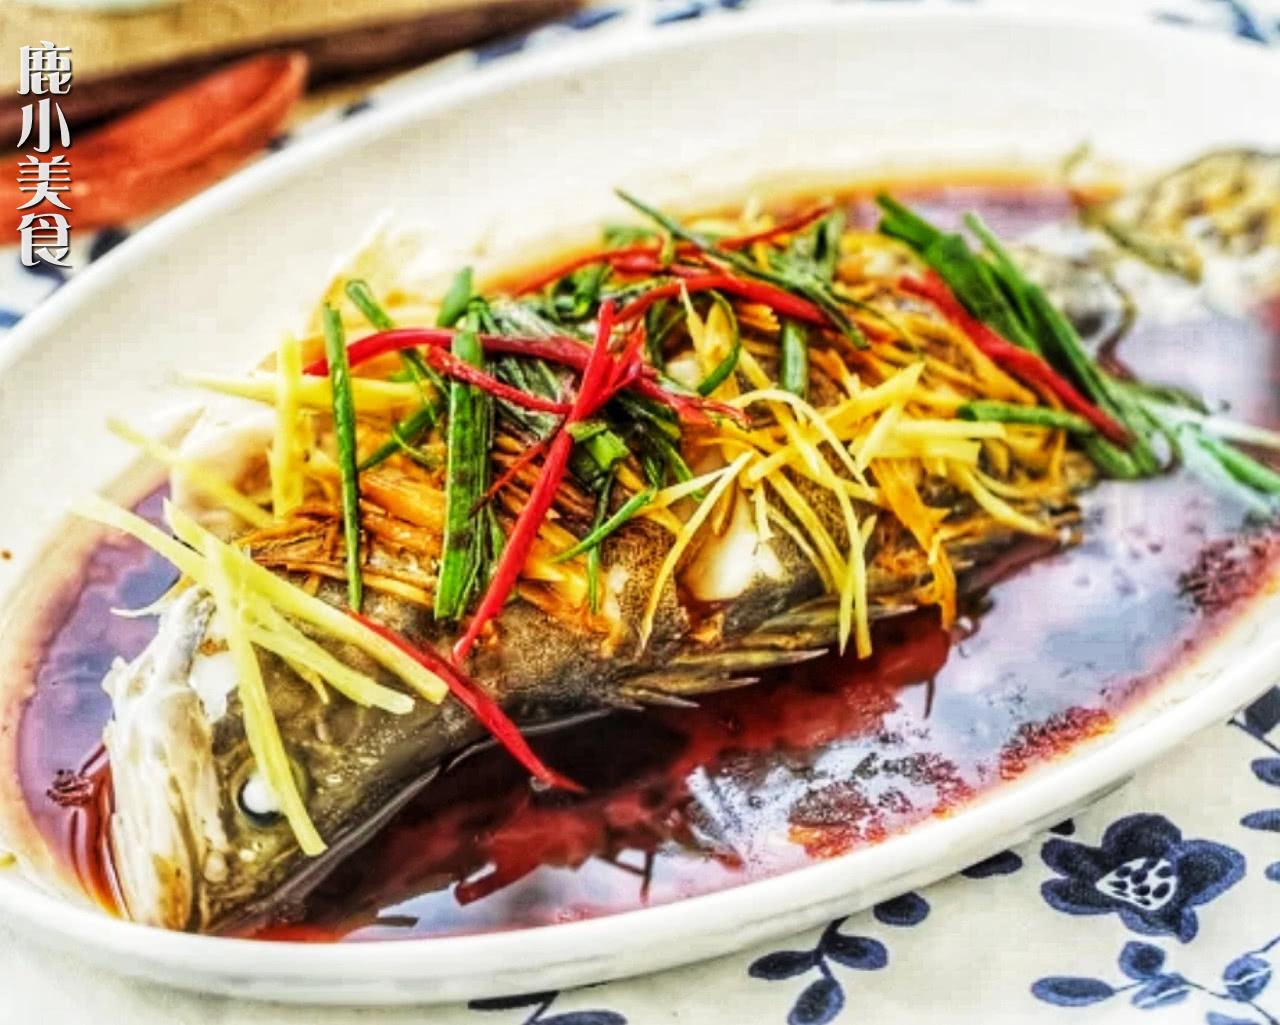 清蒸鱼前先腌制,究竟有多重要用对方法,鱼肉鲜嫩无腥味,香